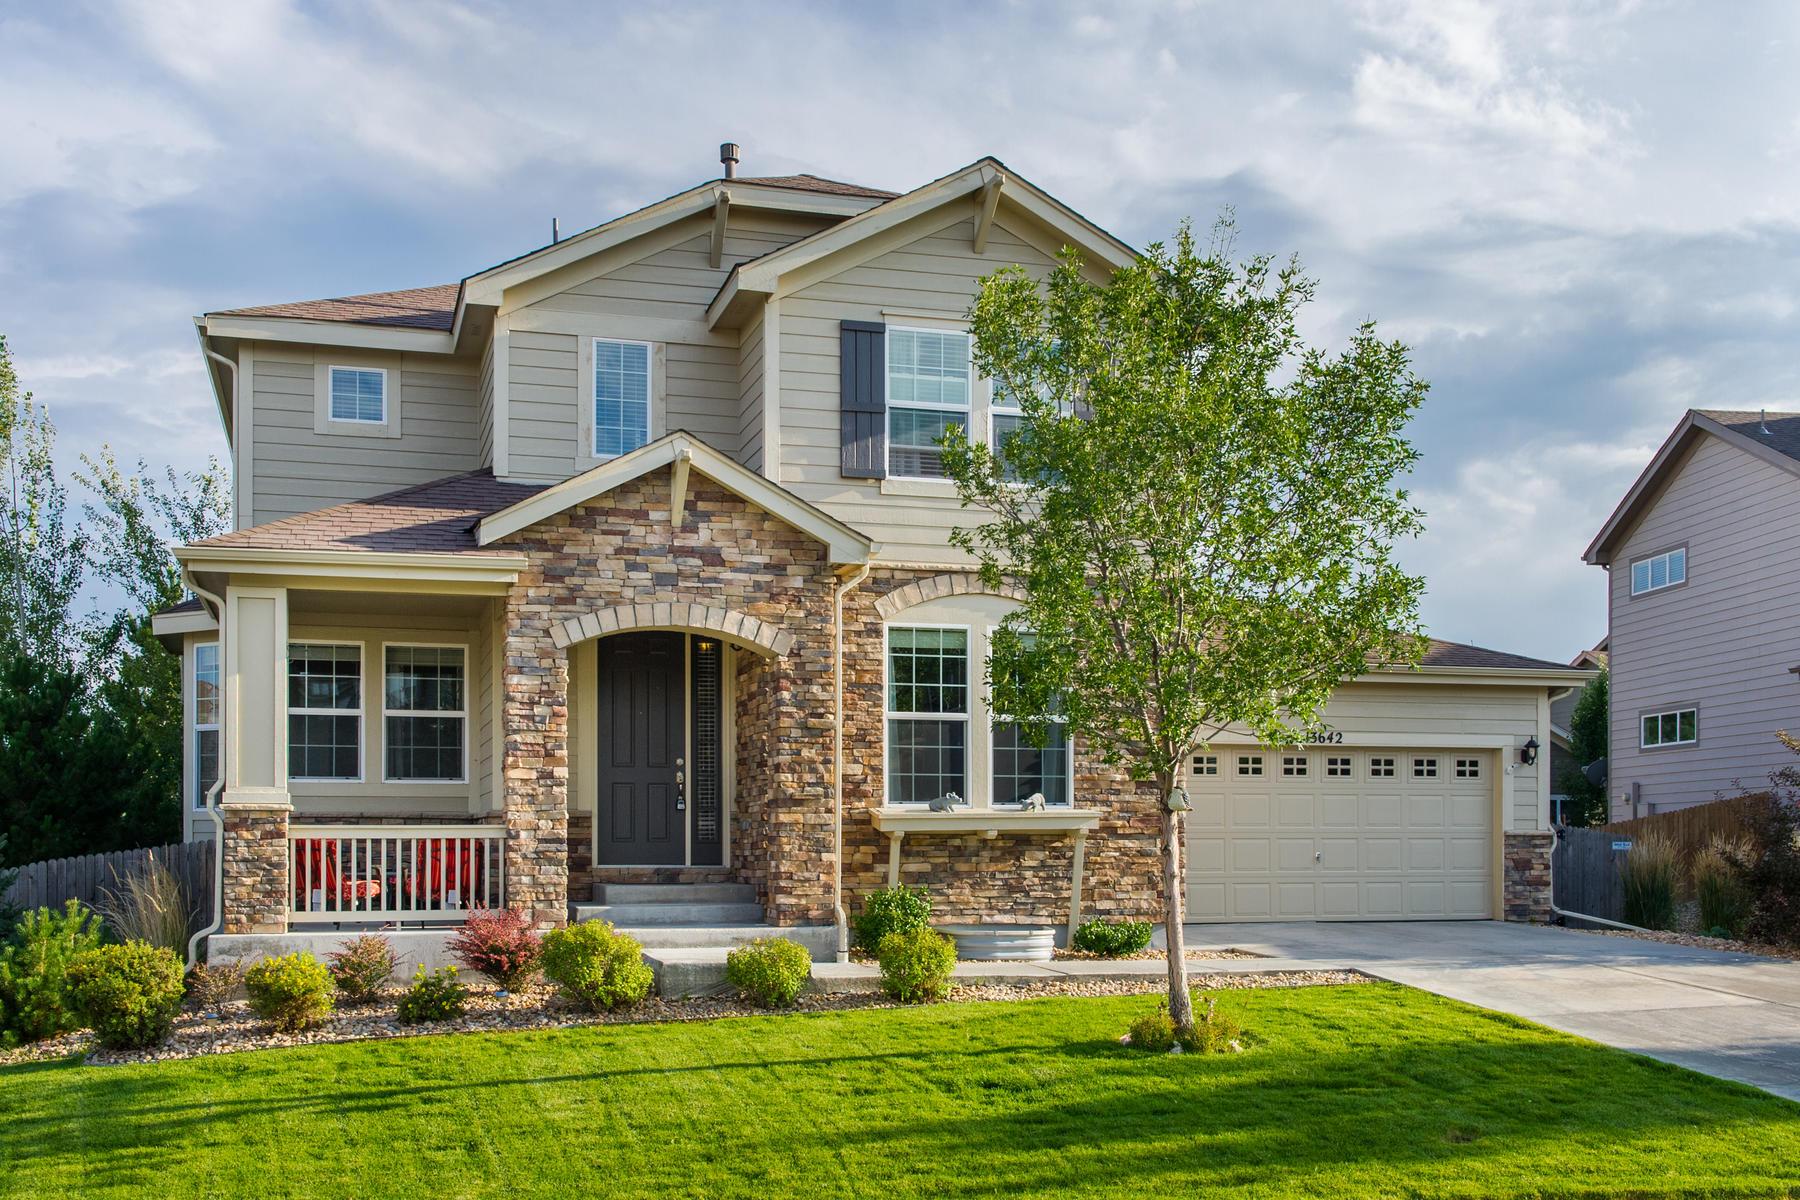 Casa para uma família para Venda às Gorgeous Homestead Hills Home! 13642 Dexter Street Thornton, Colorado, 80602 Estados Unidos